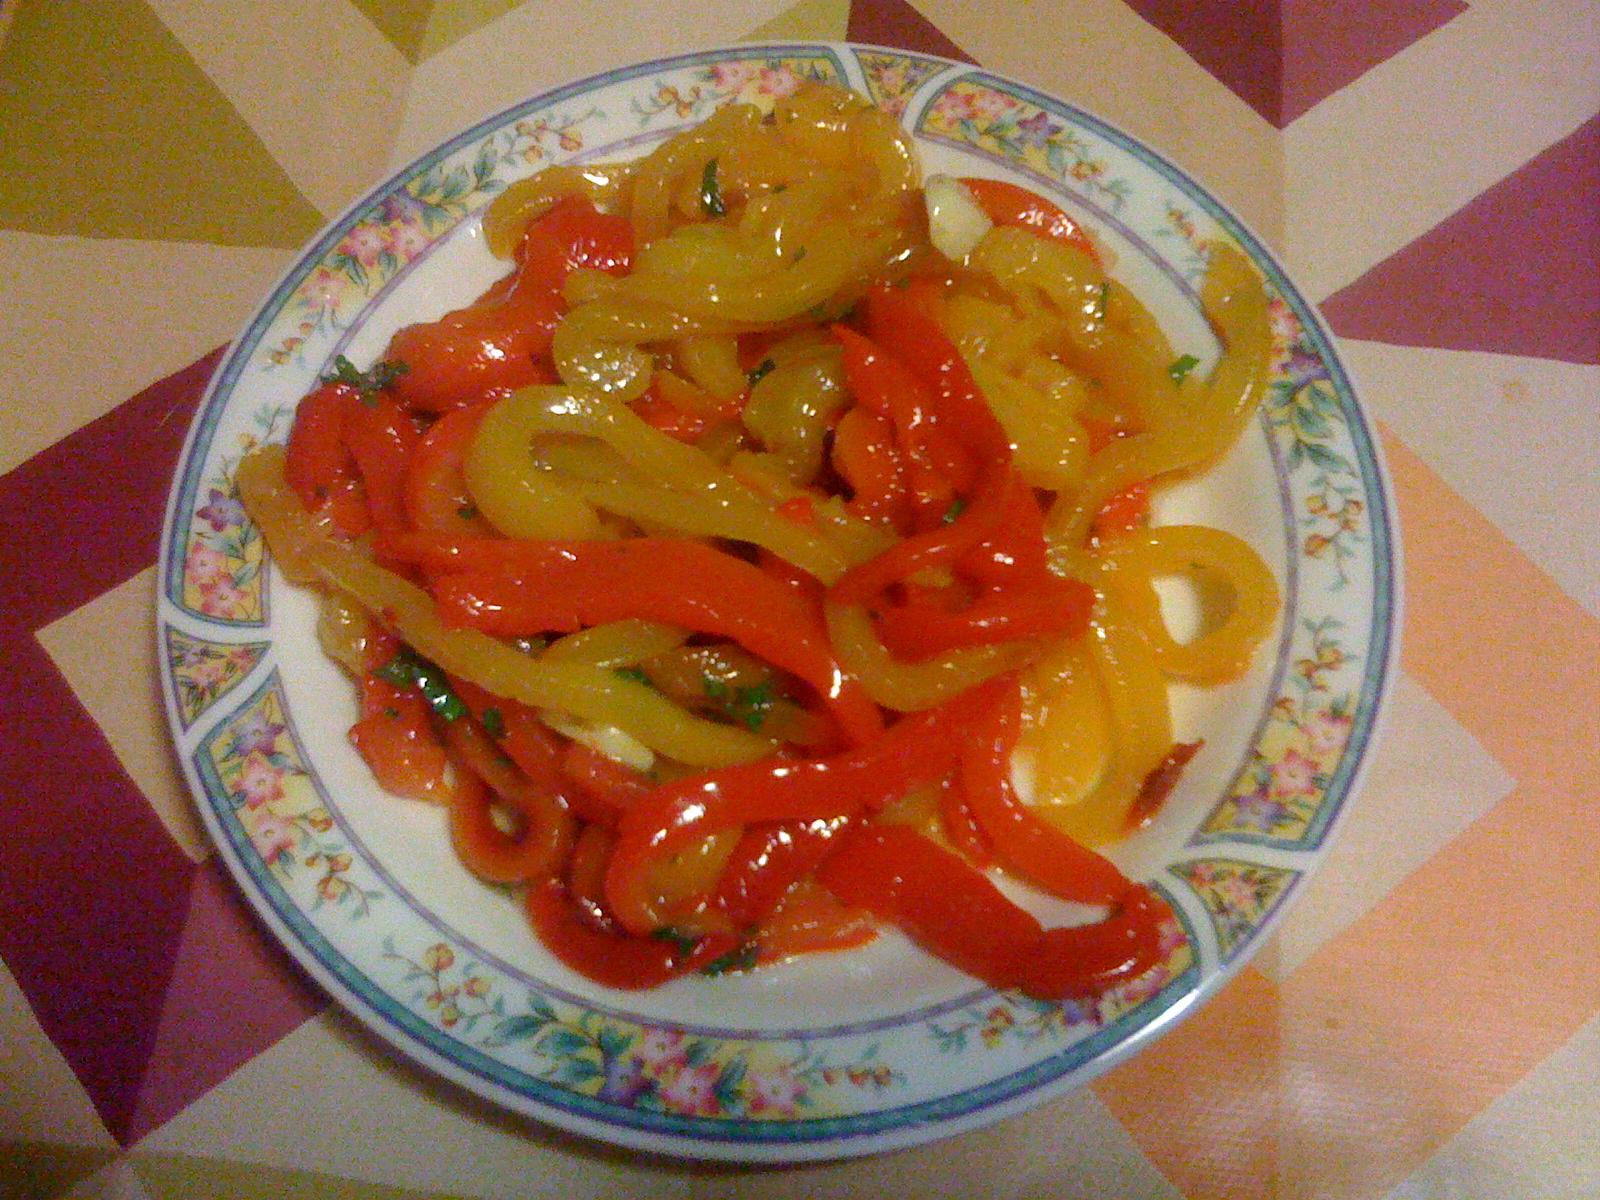 La gioia di cucinare peperoni grigliati - Cucinare i peperoni ...